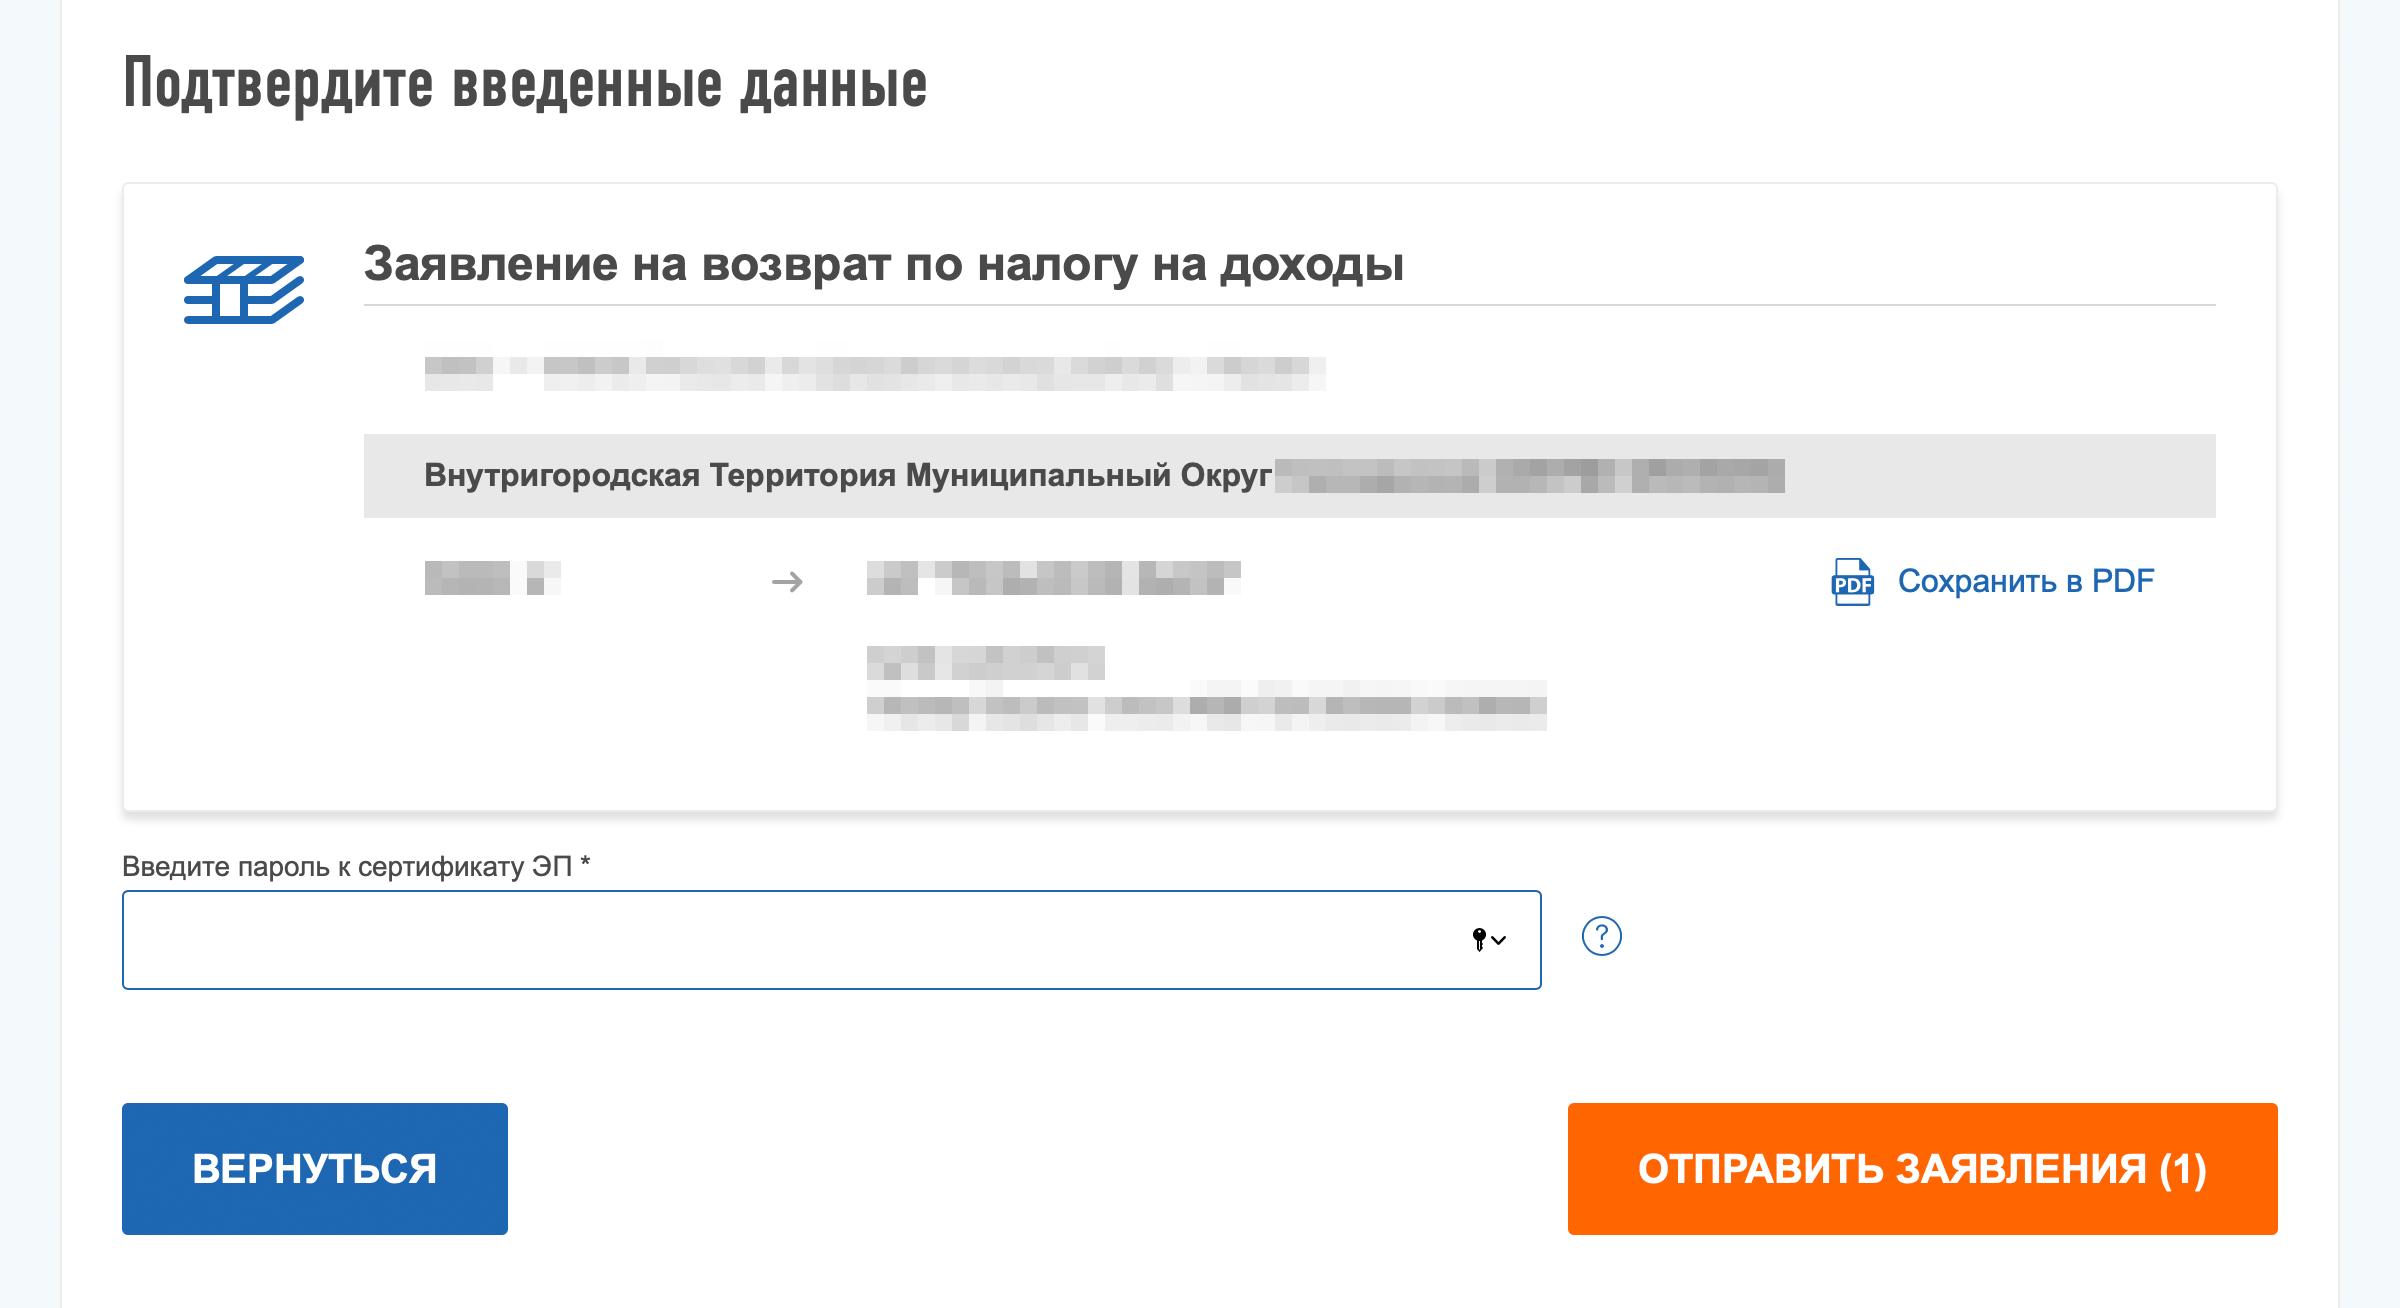 После этого проверьте данные и снова введите пароль к своему сертификату электронной подписи — документы улетят в налоговую